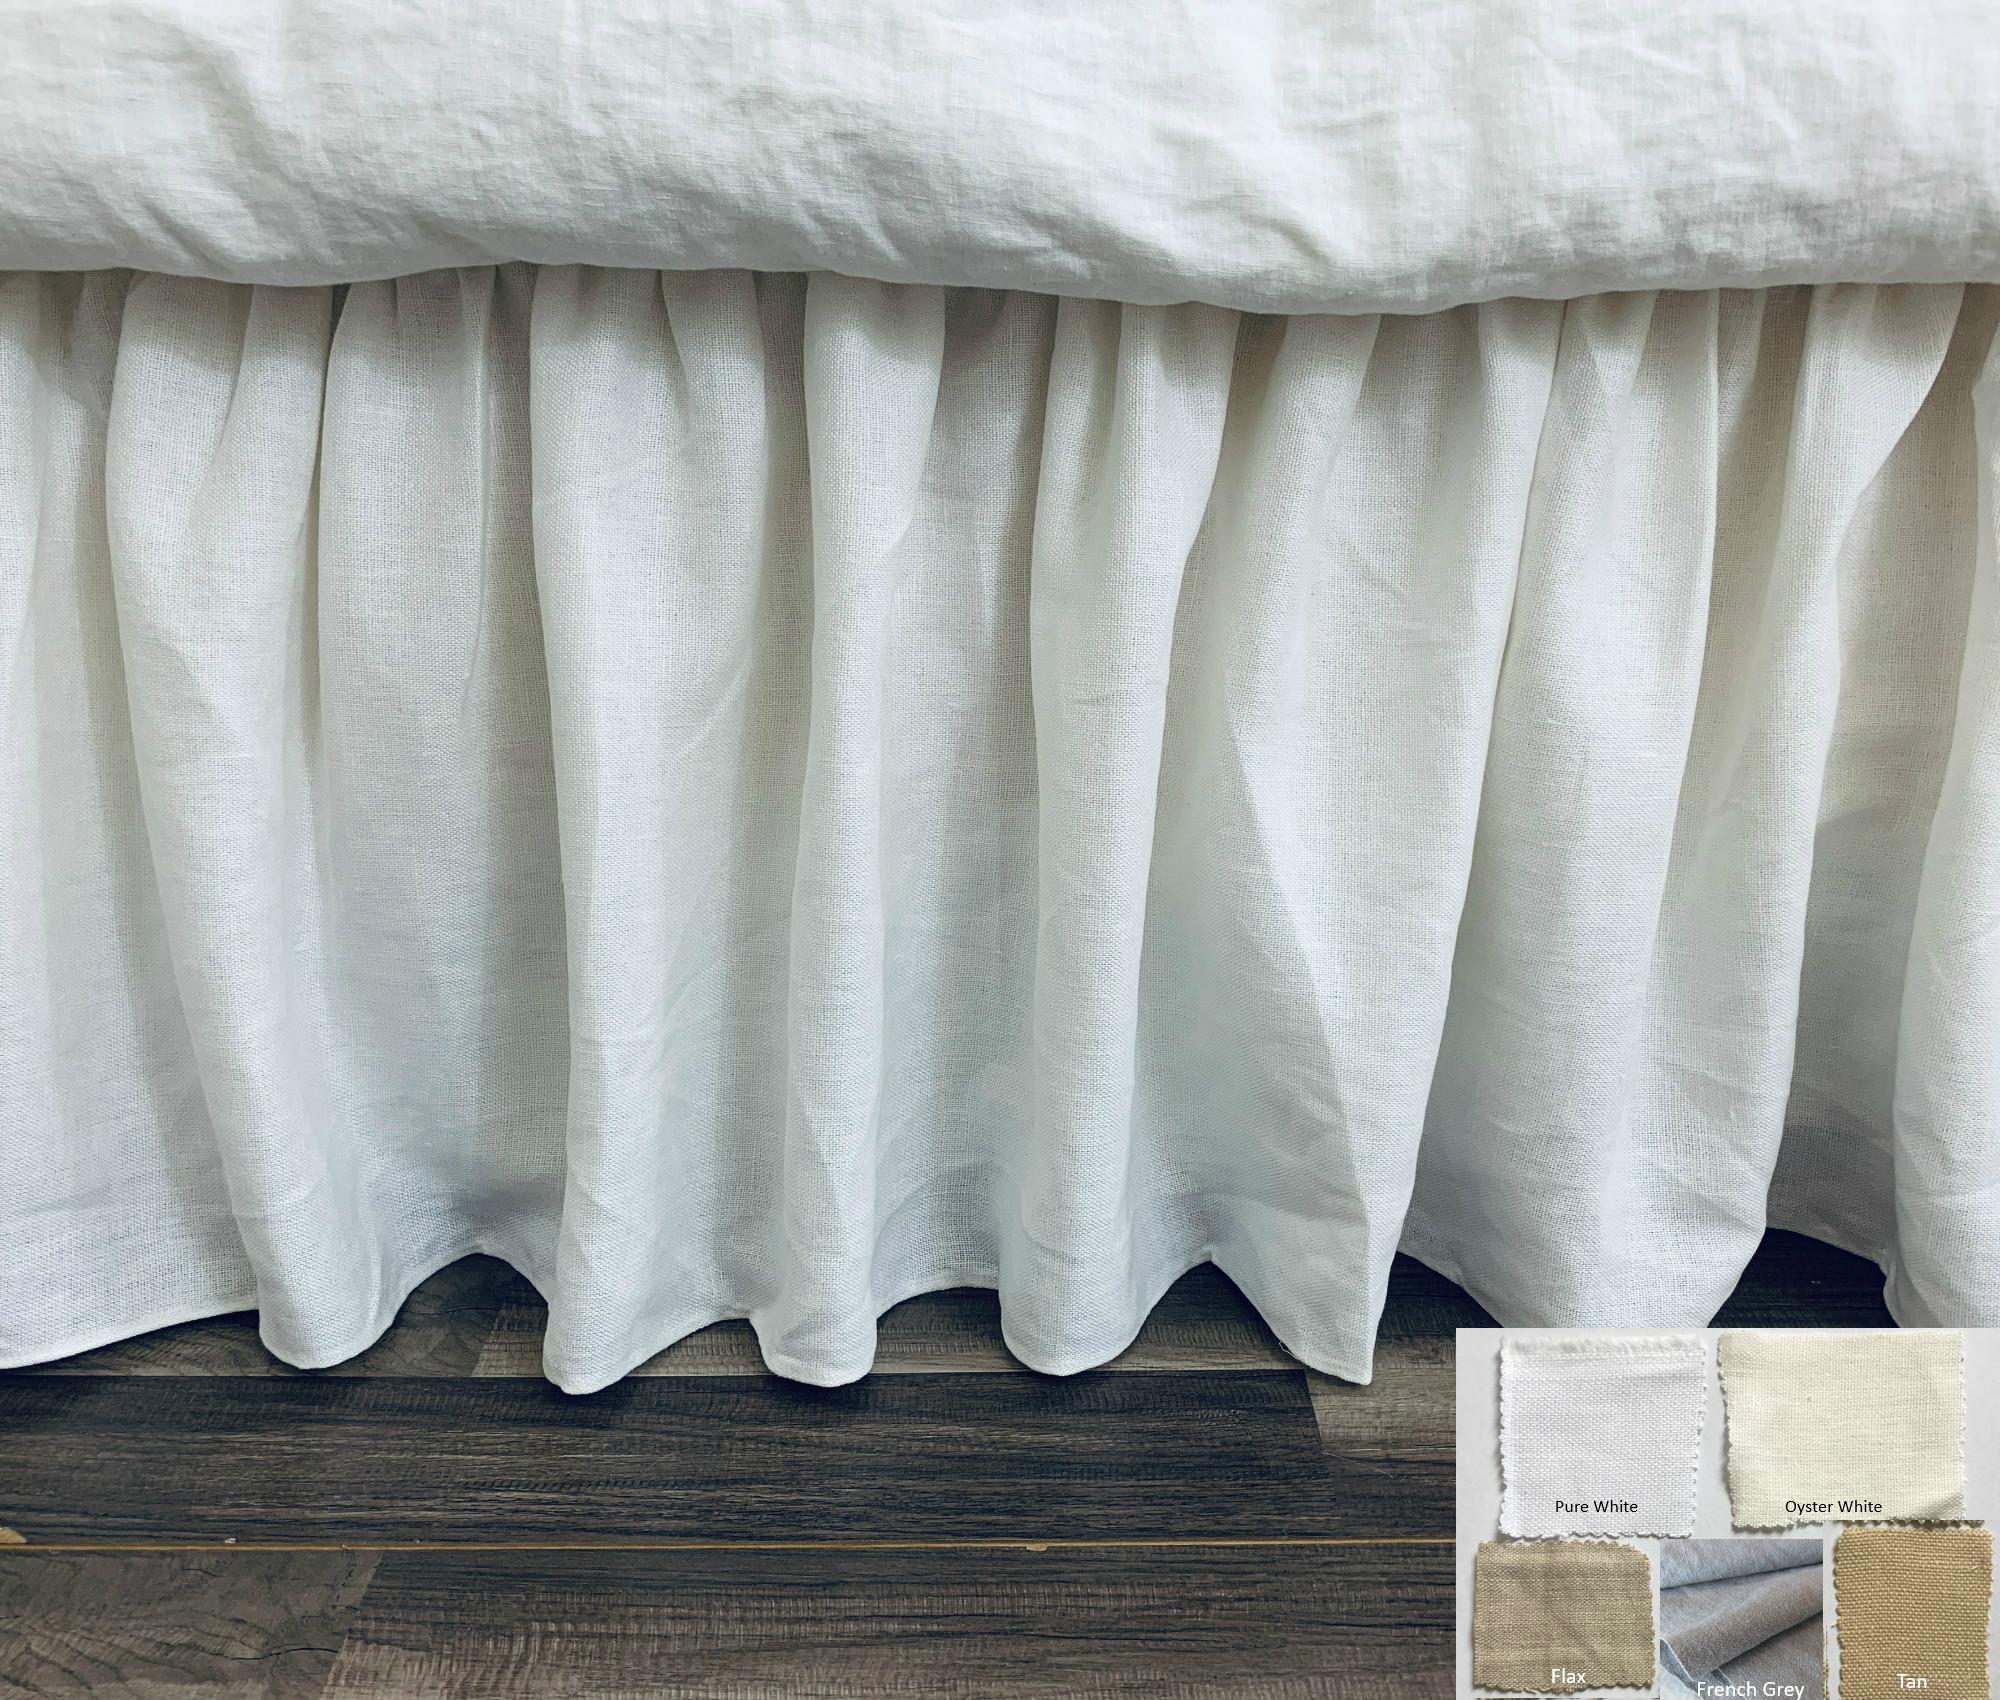 Belgian Linen Bed Skirt With Gathered Ruffles Canvas Weight Linen